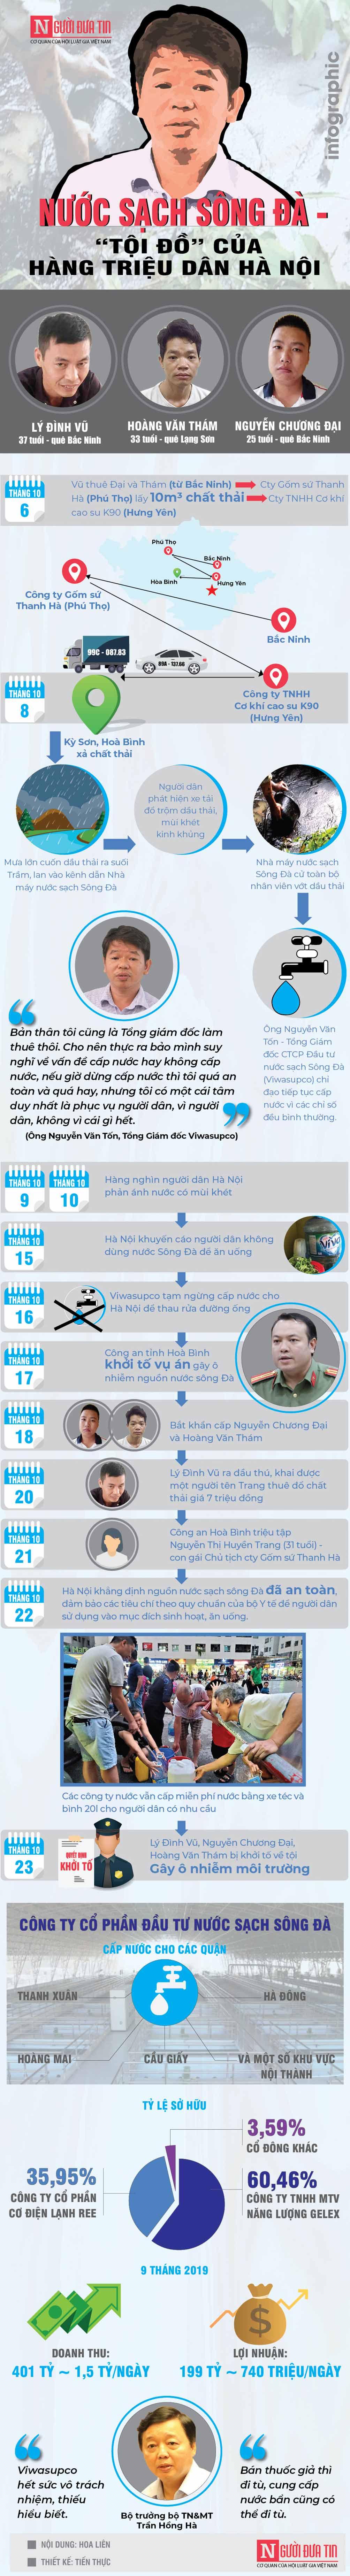 [Info] Lãi hơn 700 triệu mỗi ngày, công ty nước sạch Sông Đà đối xử tệ bạc thế nào với người dân Thủ đô? - 1